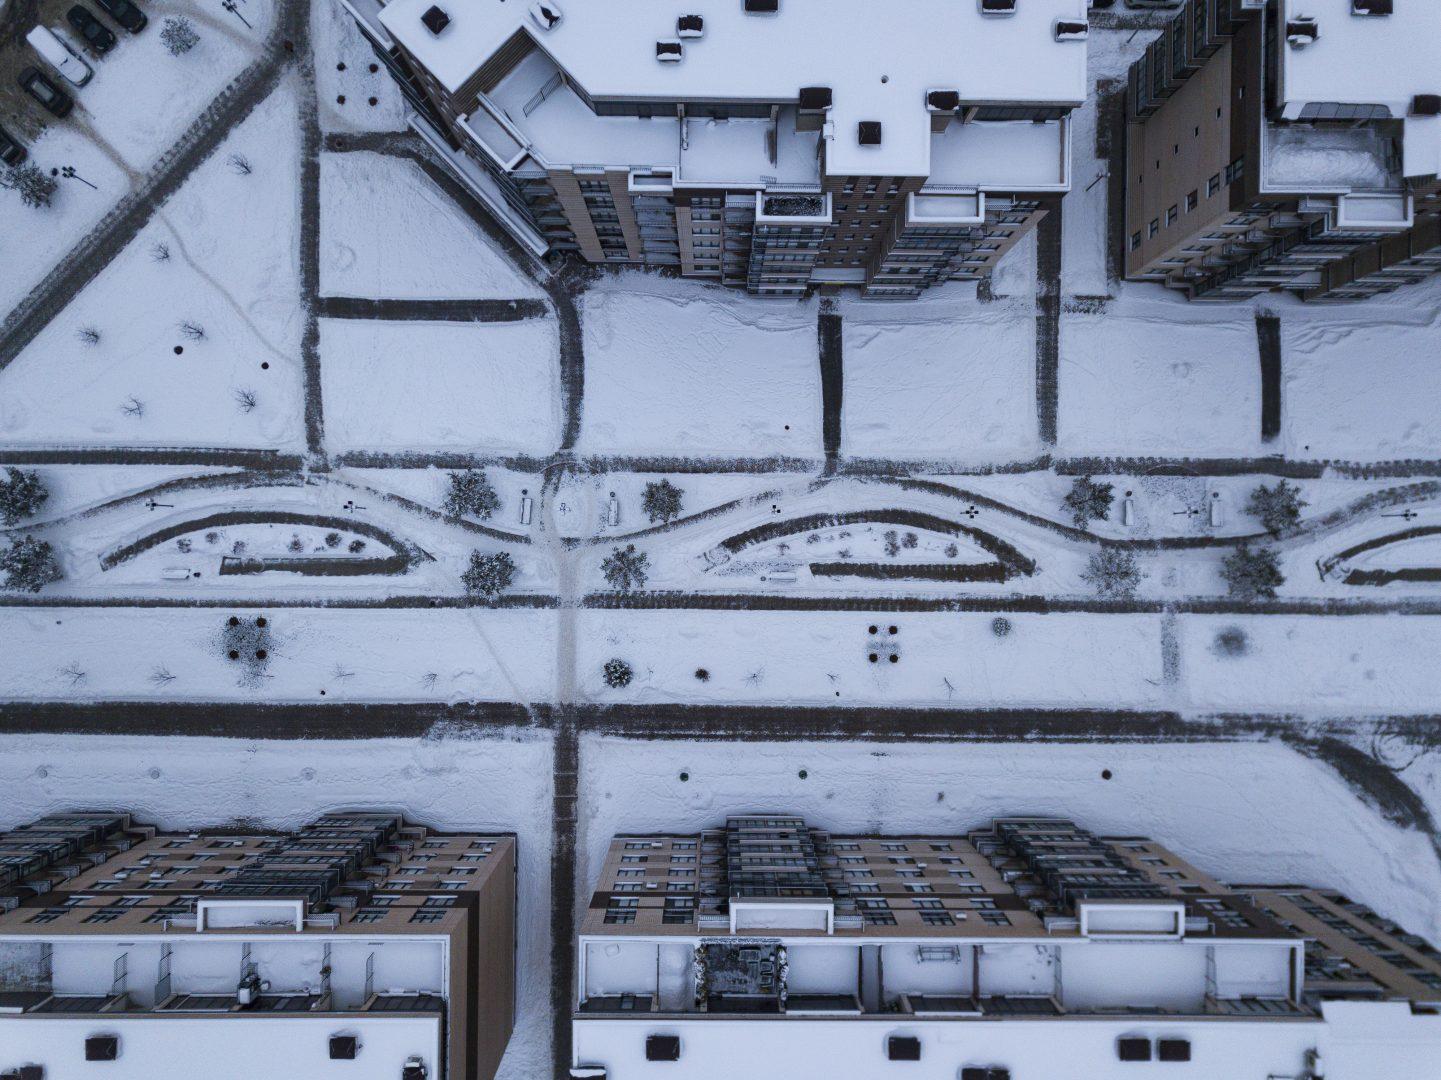 Административно-деловой центр в Сосенском обеспечит работой более 30 000 человек. Фото: Александр Кожохин, «Вечерняя Москва»